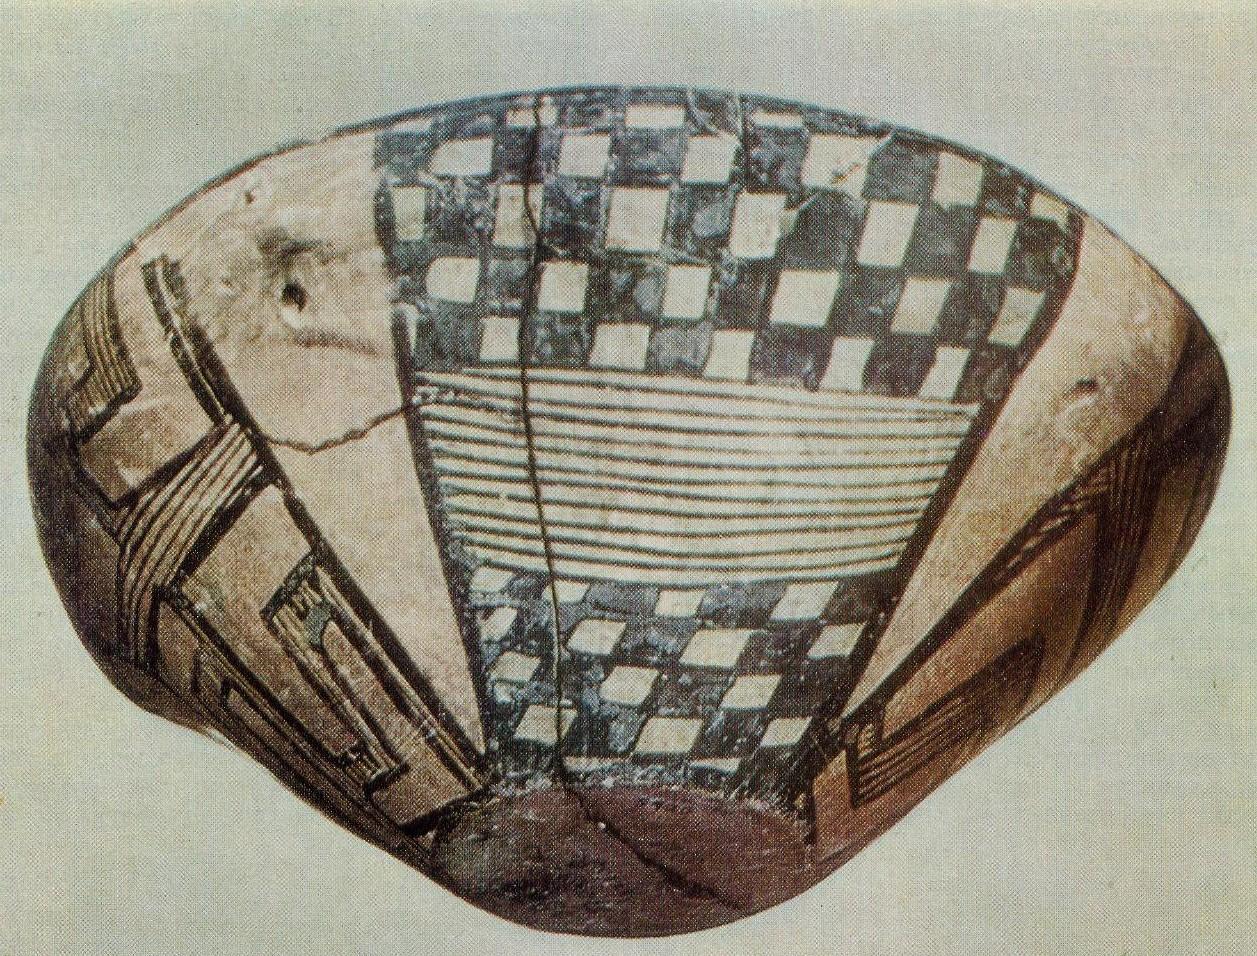 Неолит и ранняя бронза Эгейского бассейна